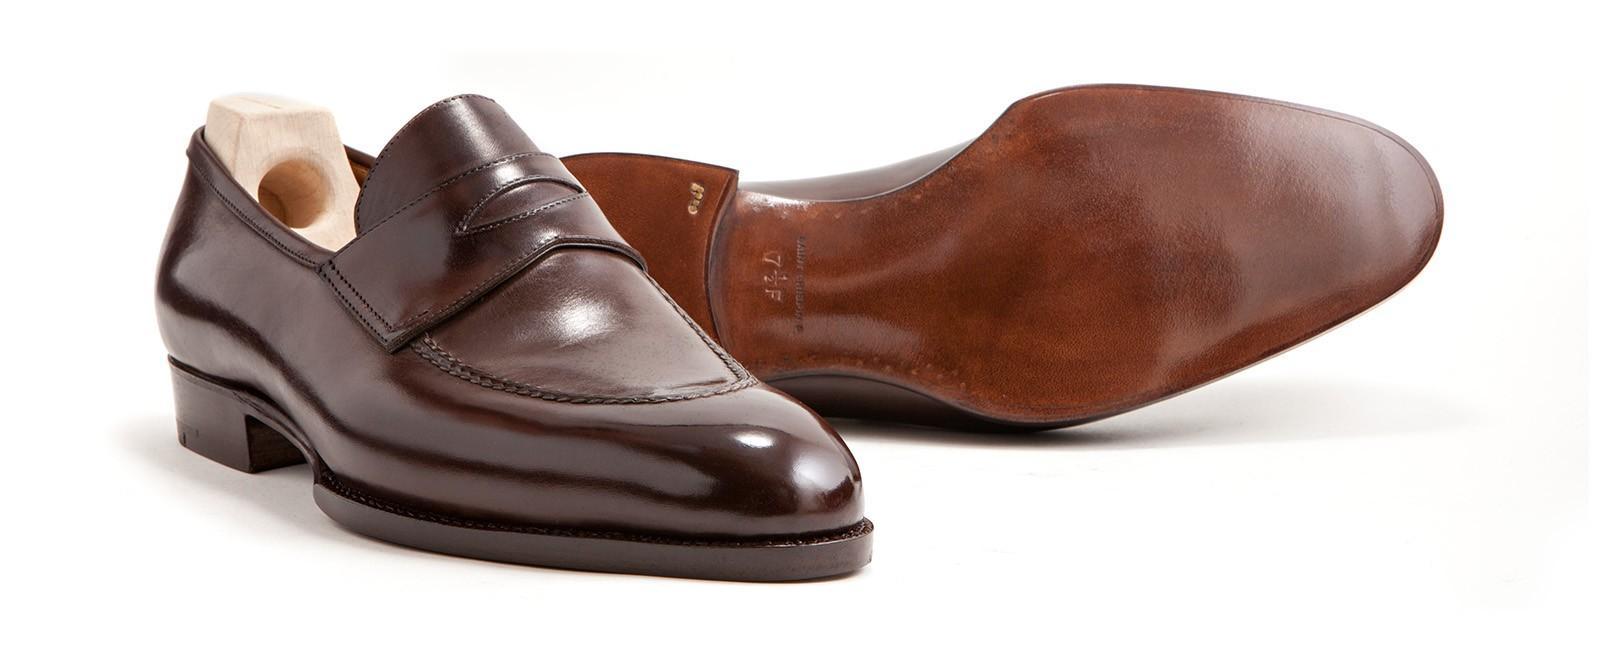 Eleganta Pennyloafers är ett fullt acceptabelt skoval till kostym på vissa  kontinenter. Här i en mörkbrun ton från Saint Crispin´s. 343cd1dd12d23